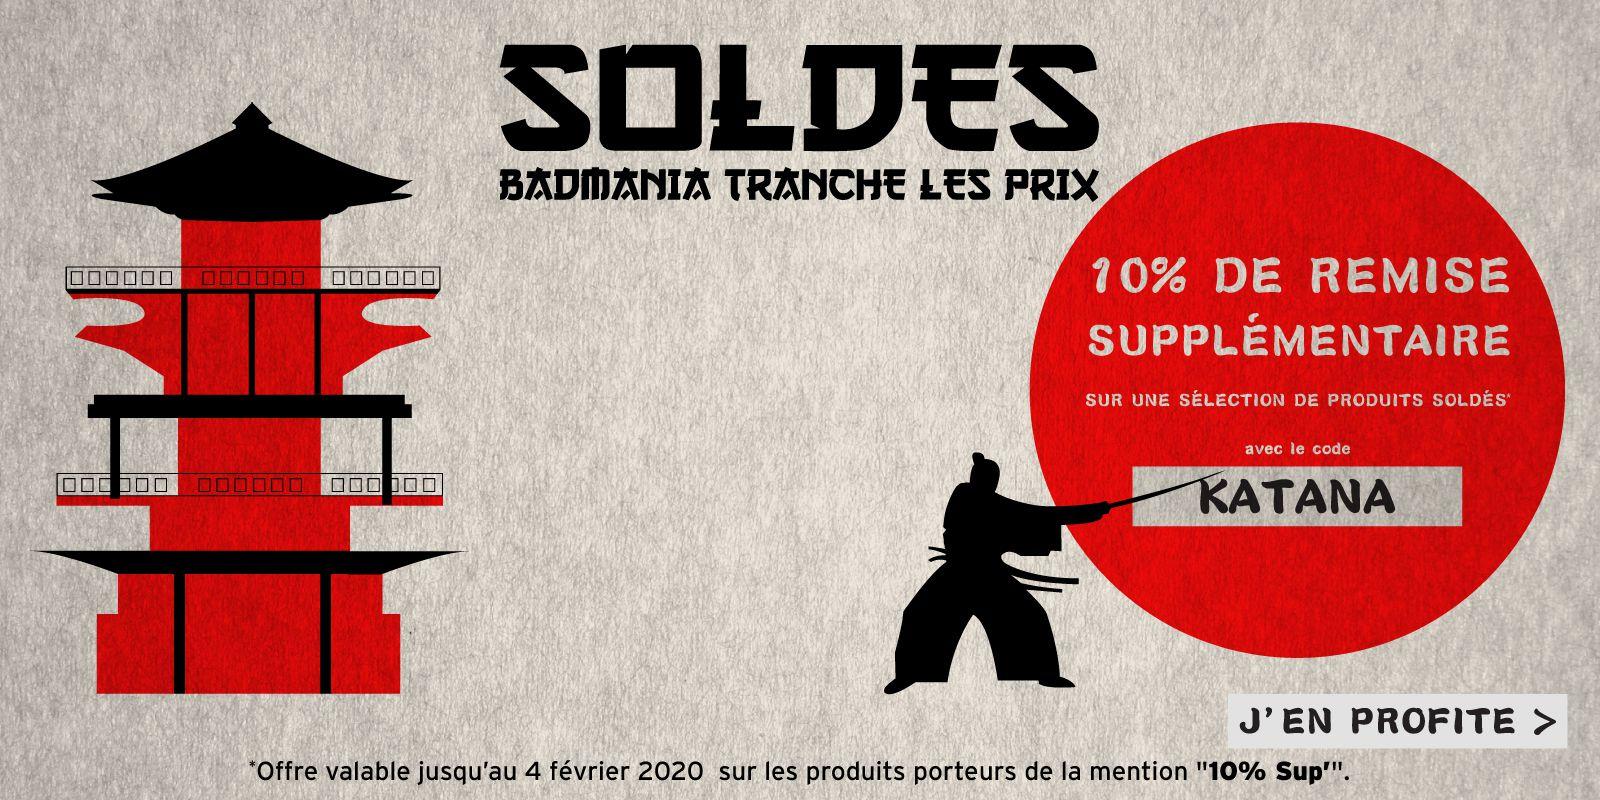 10% de réduction sur une sélection d'articles Kawasaki, Li-Ning, Sotx et Victor - Badmania.fr